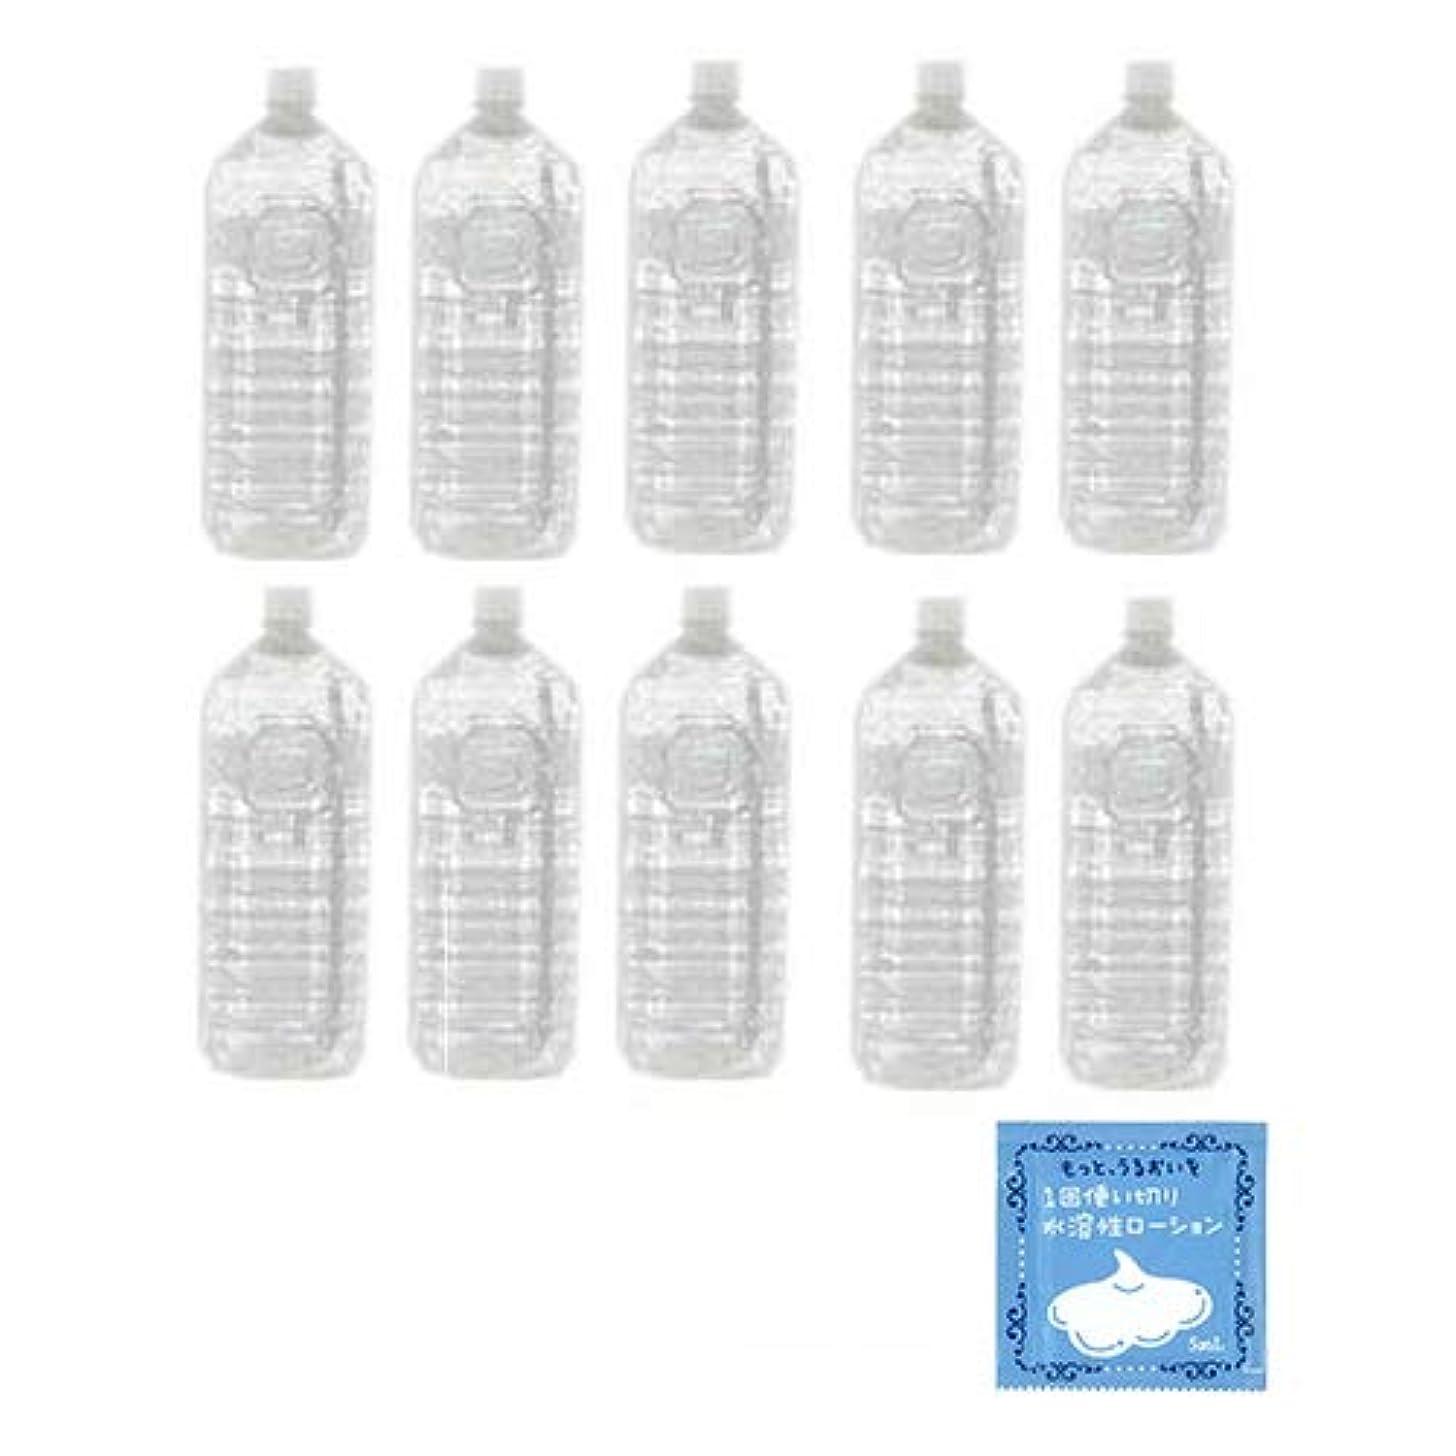 保持するつま先打倒クリアローション 2Lペットボトル ハードタイプ(5倍濃縮原液) × 10本セット+ 1回使い切り水溶性潤滑ローション